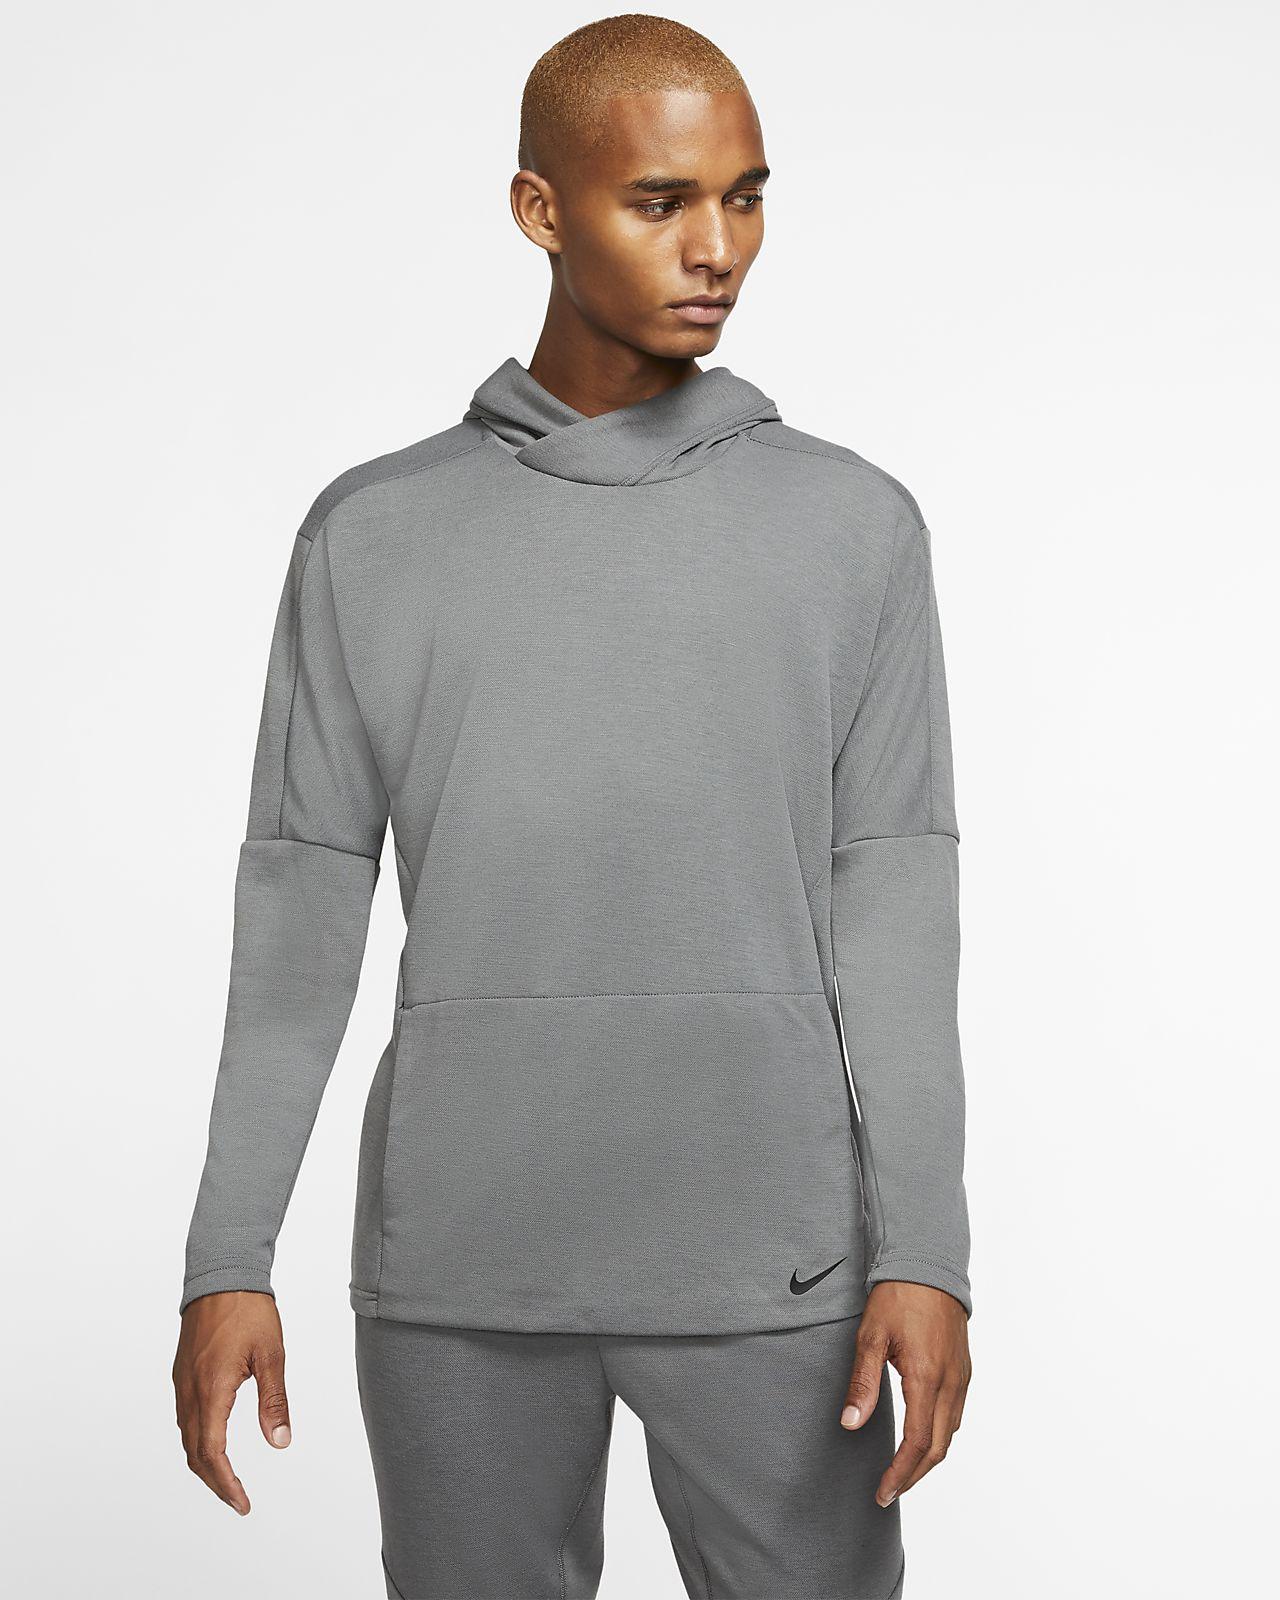 Мужская худи Nike Yoga Dri-FIT